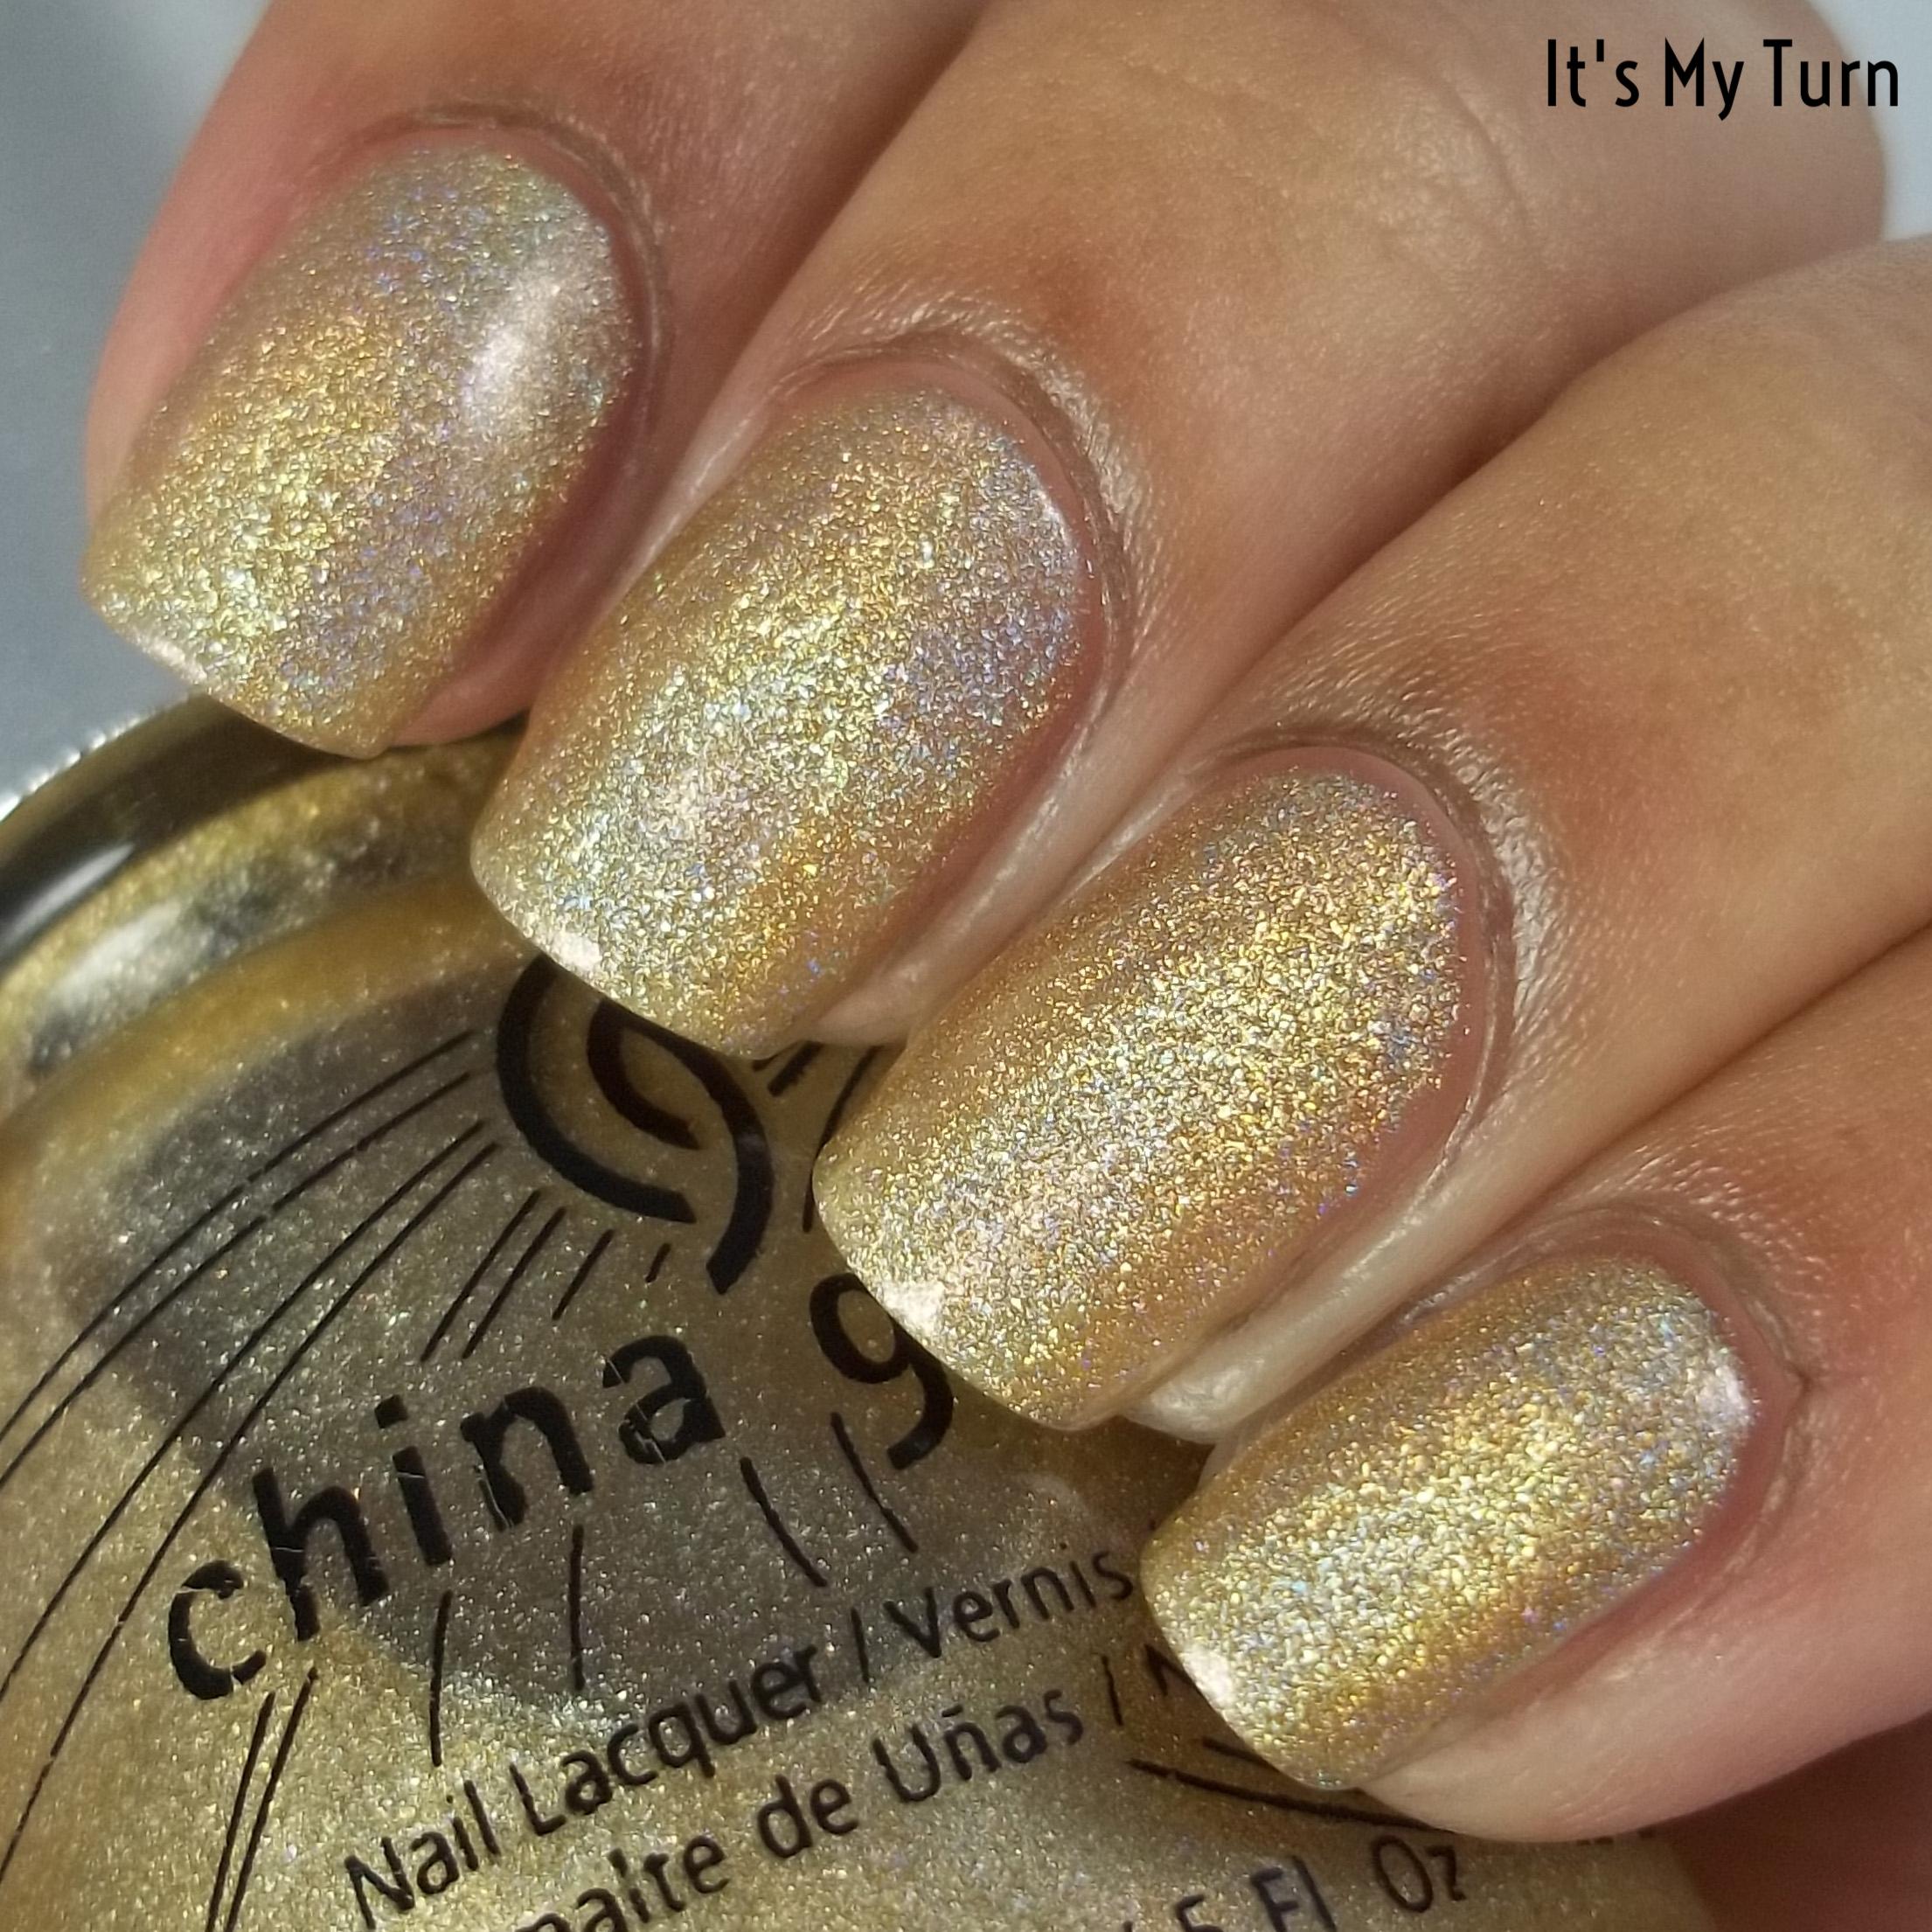 China Glaze Kaleidoscope - It's My Turn.jpg